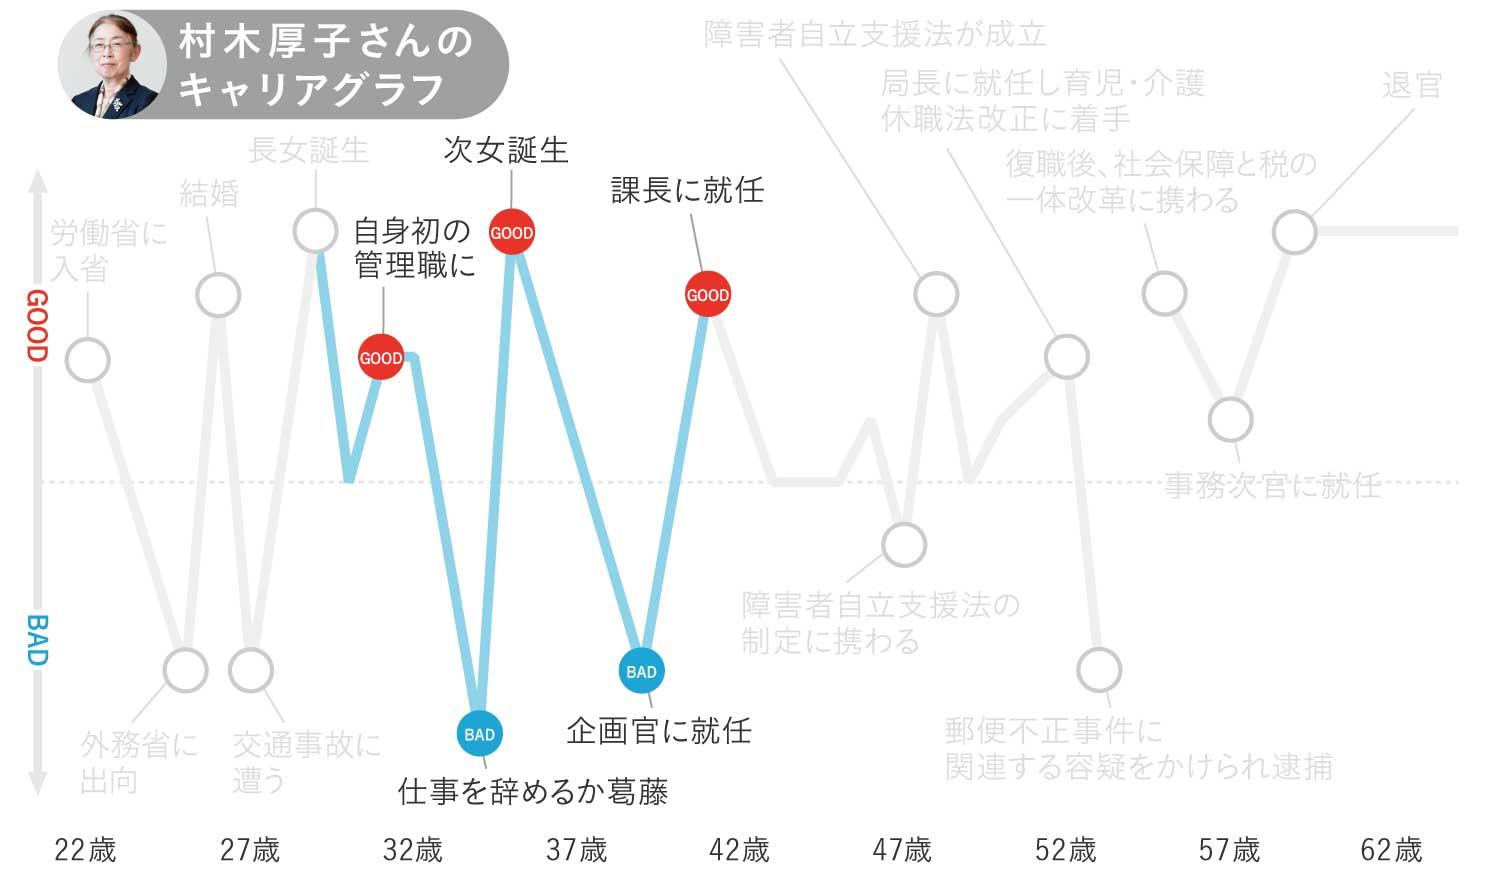 村木厚子さんのキャリアグラフ3